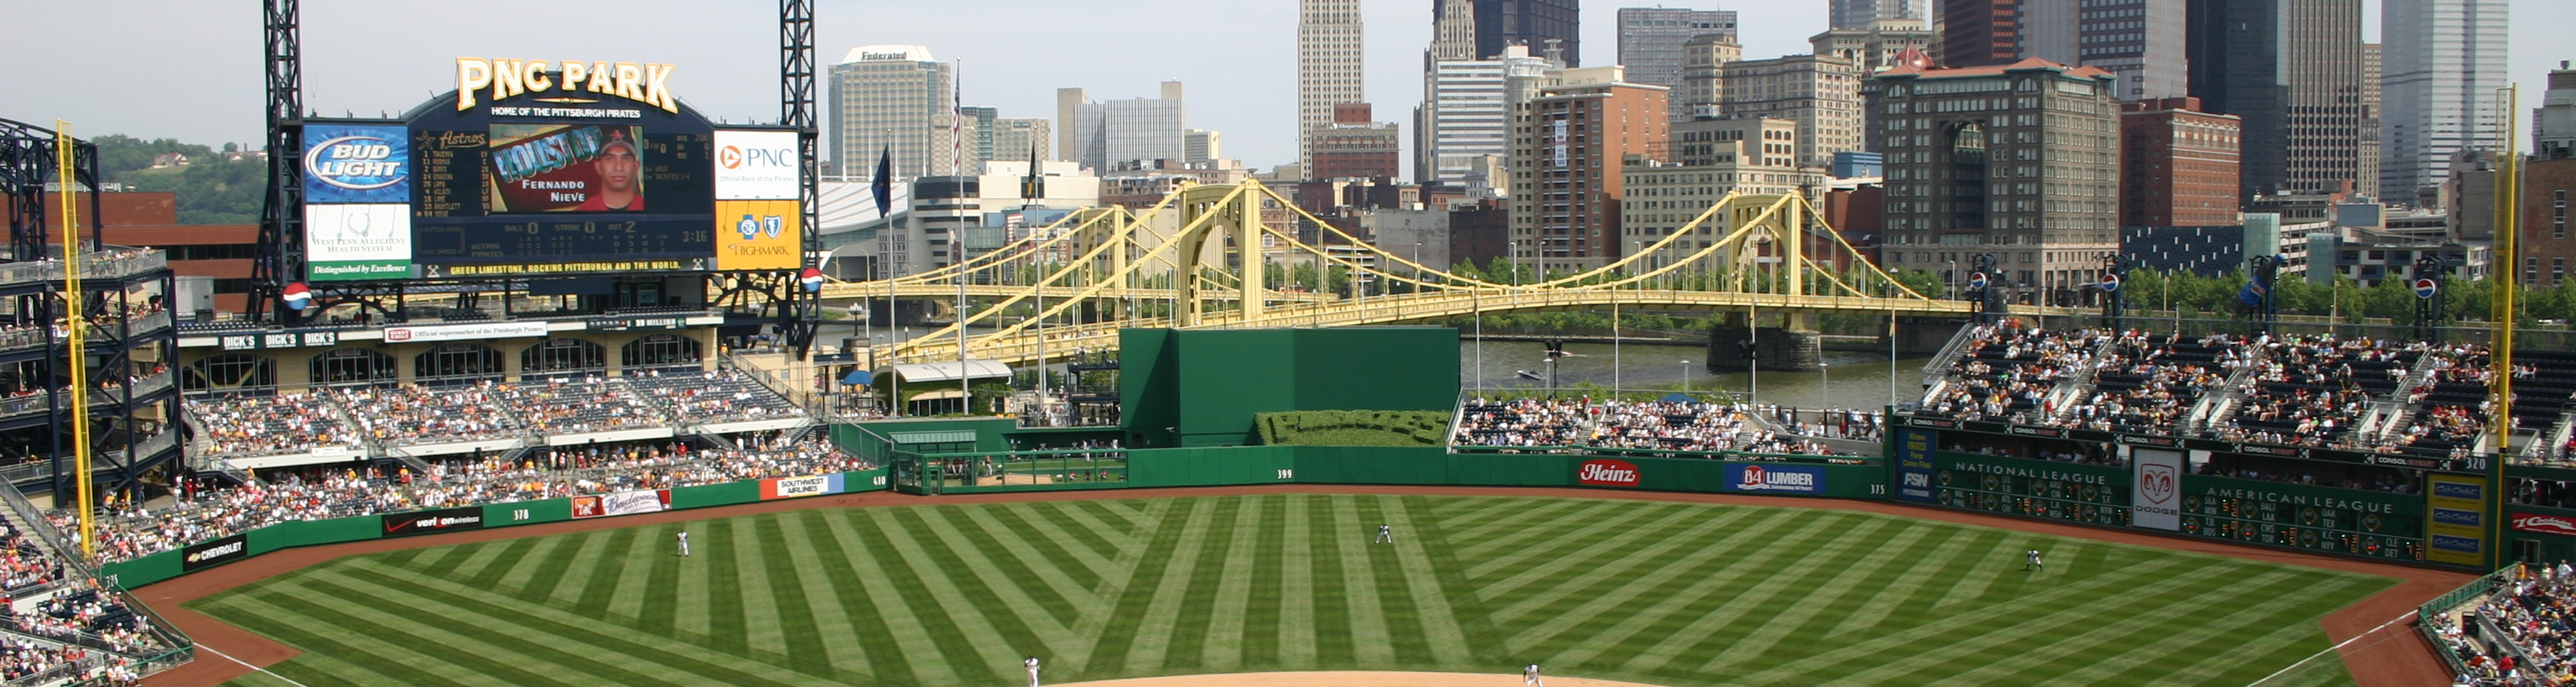 PNC_Park_Bridge.jpg